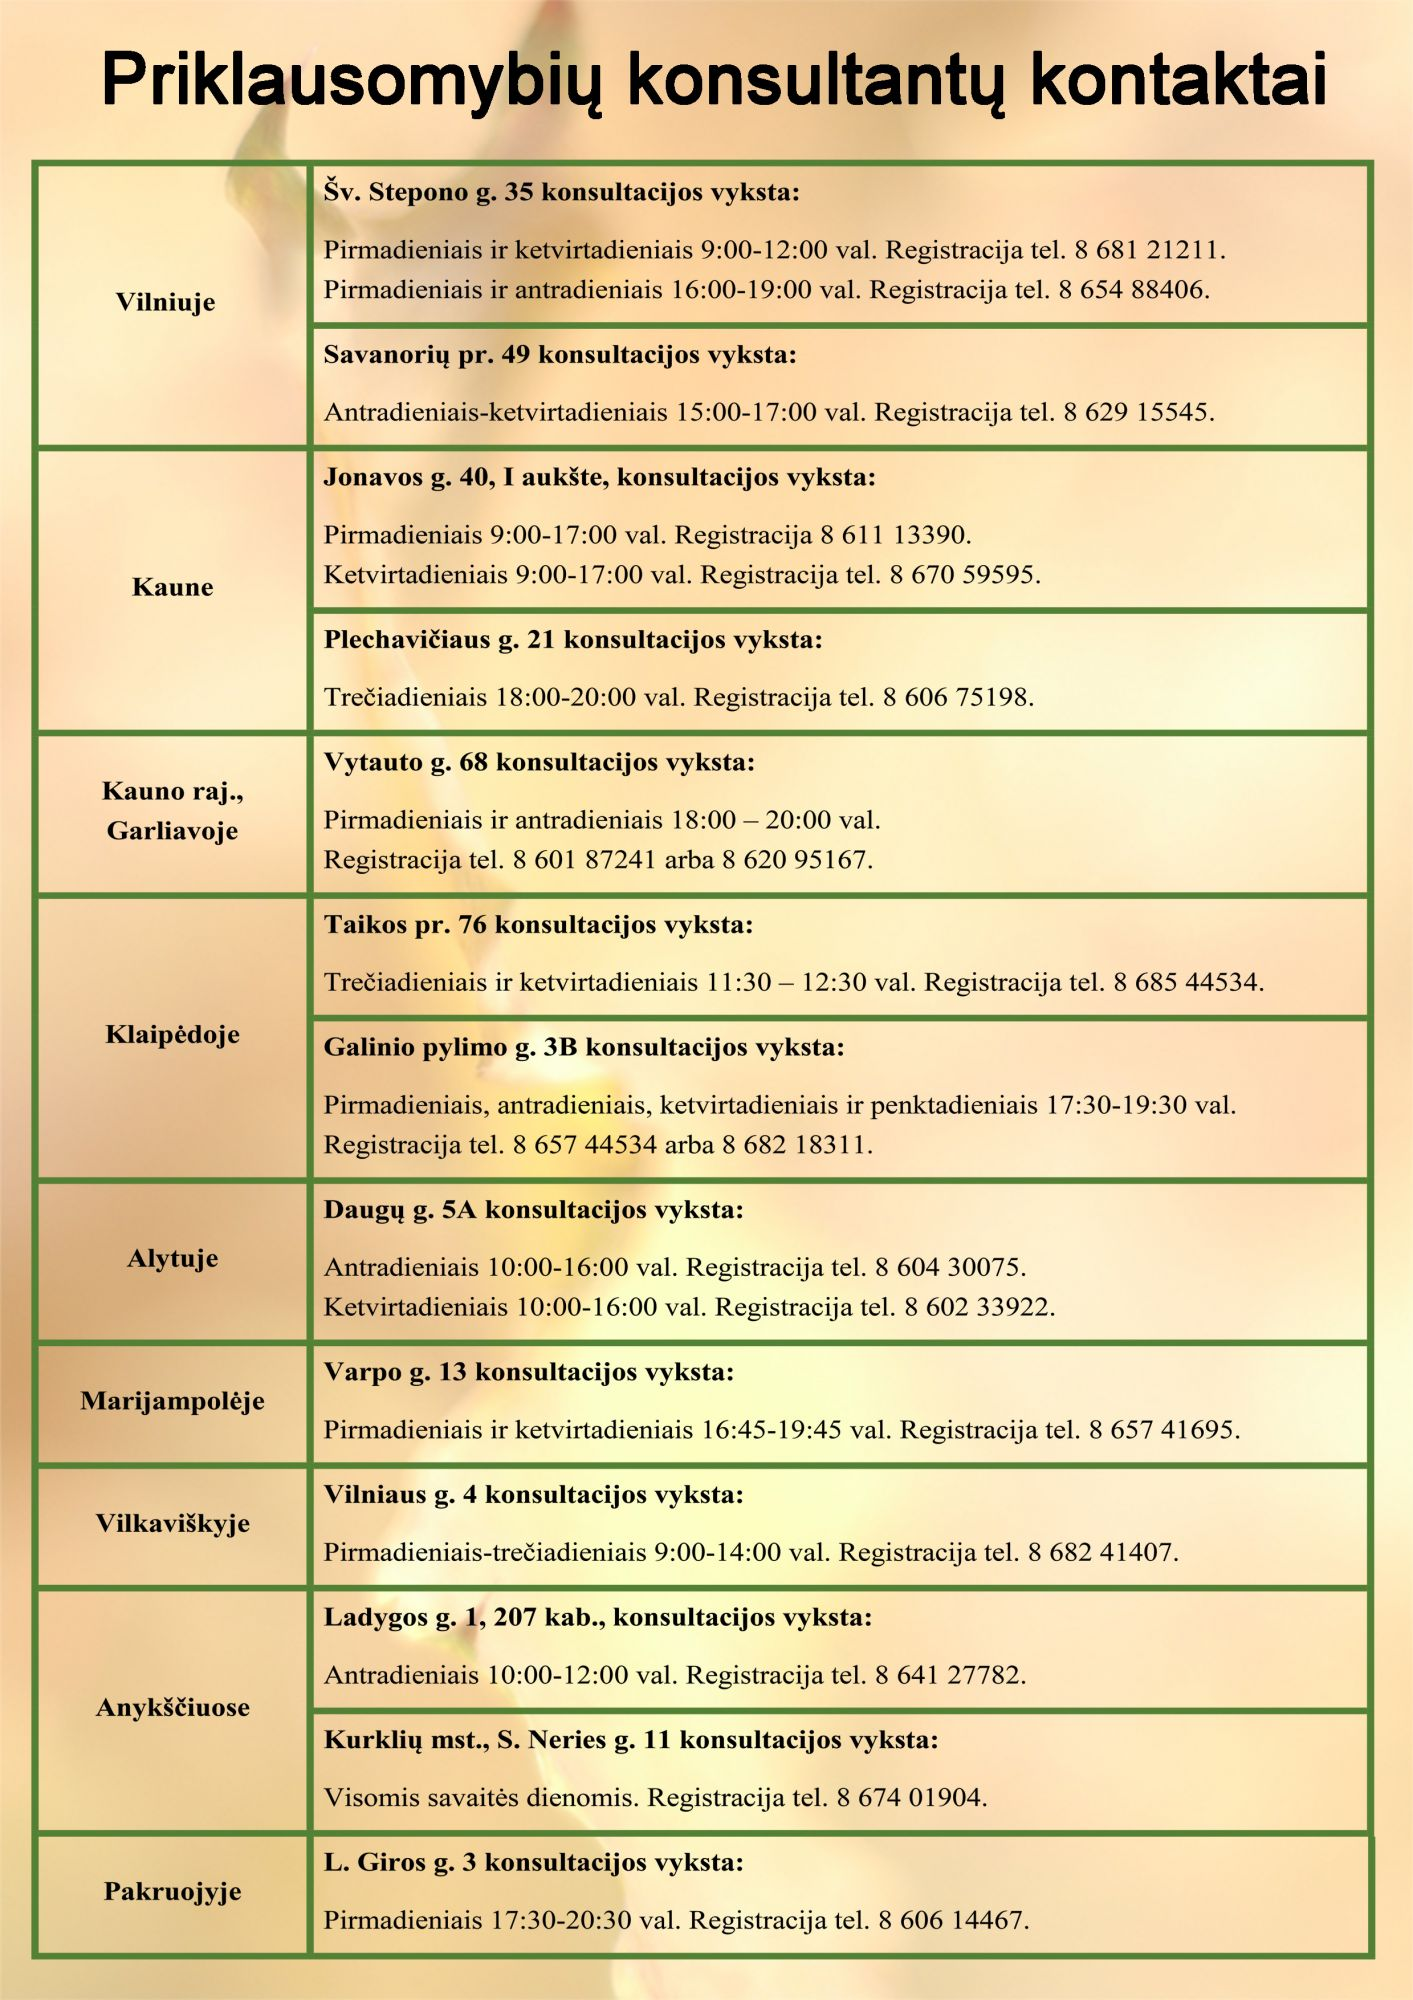 Priklausomybių konsultantų kontaktų lentelė